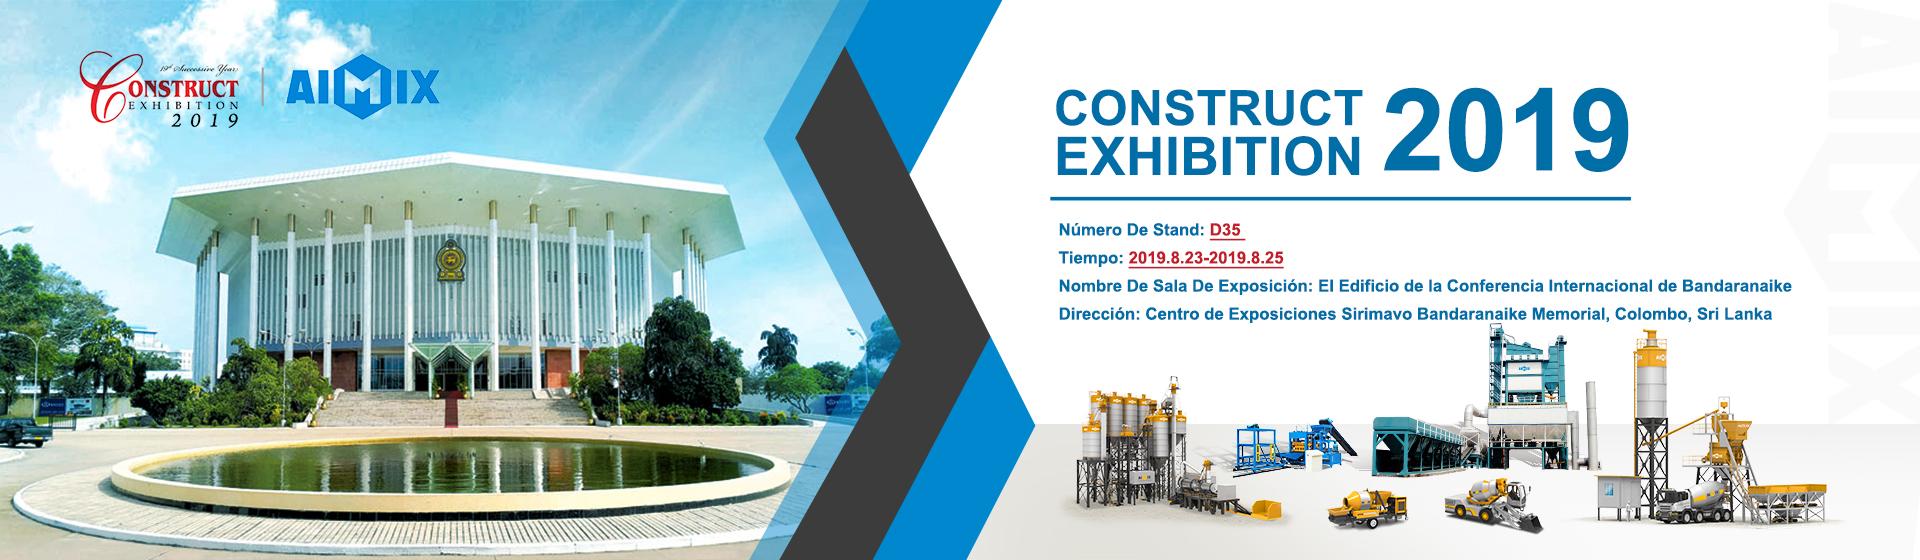 ¡Bienvenido A AIMIX Exposición En Sri Lanka 2019!